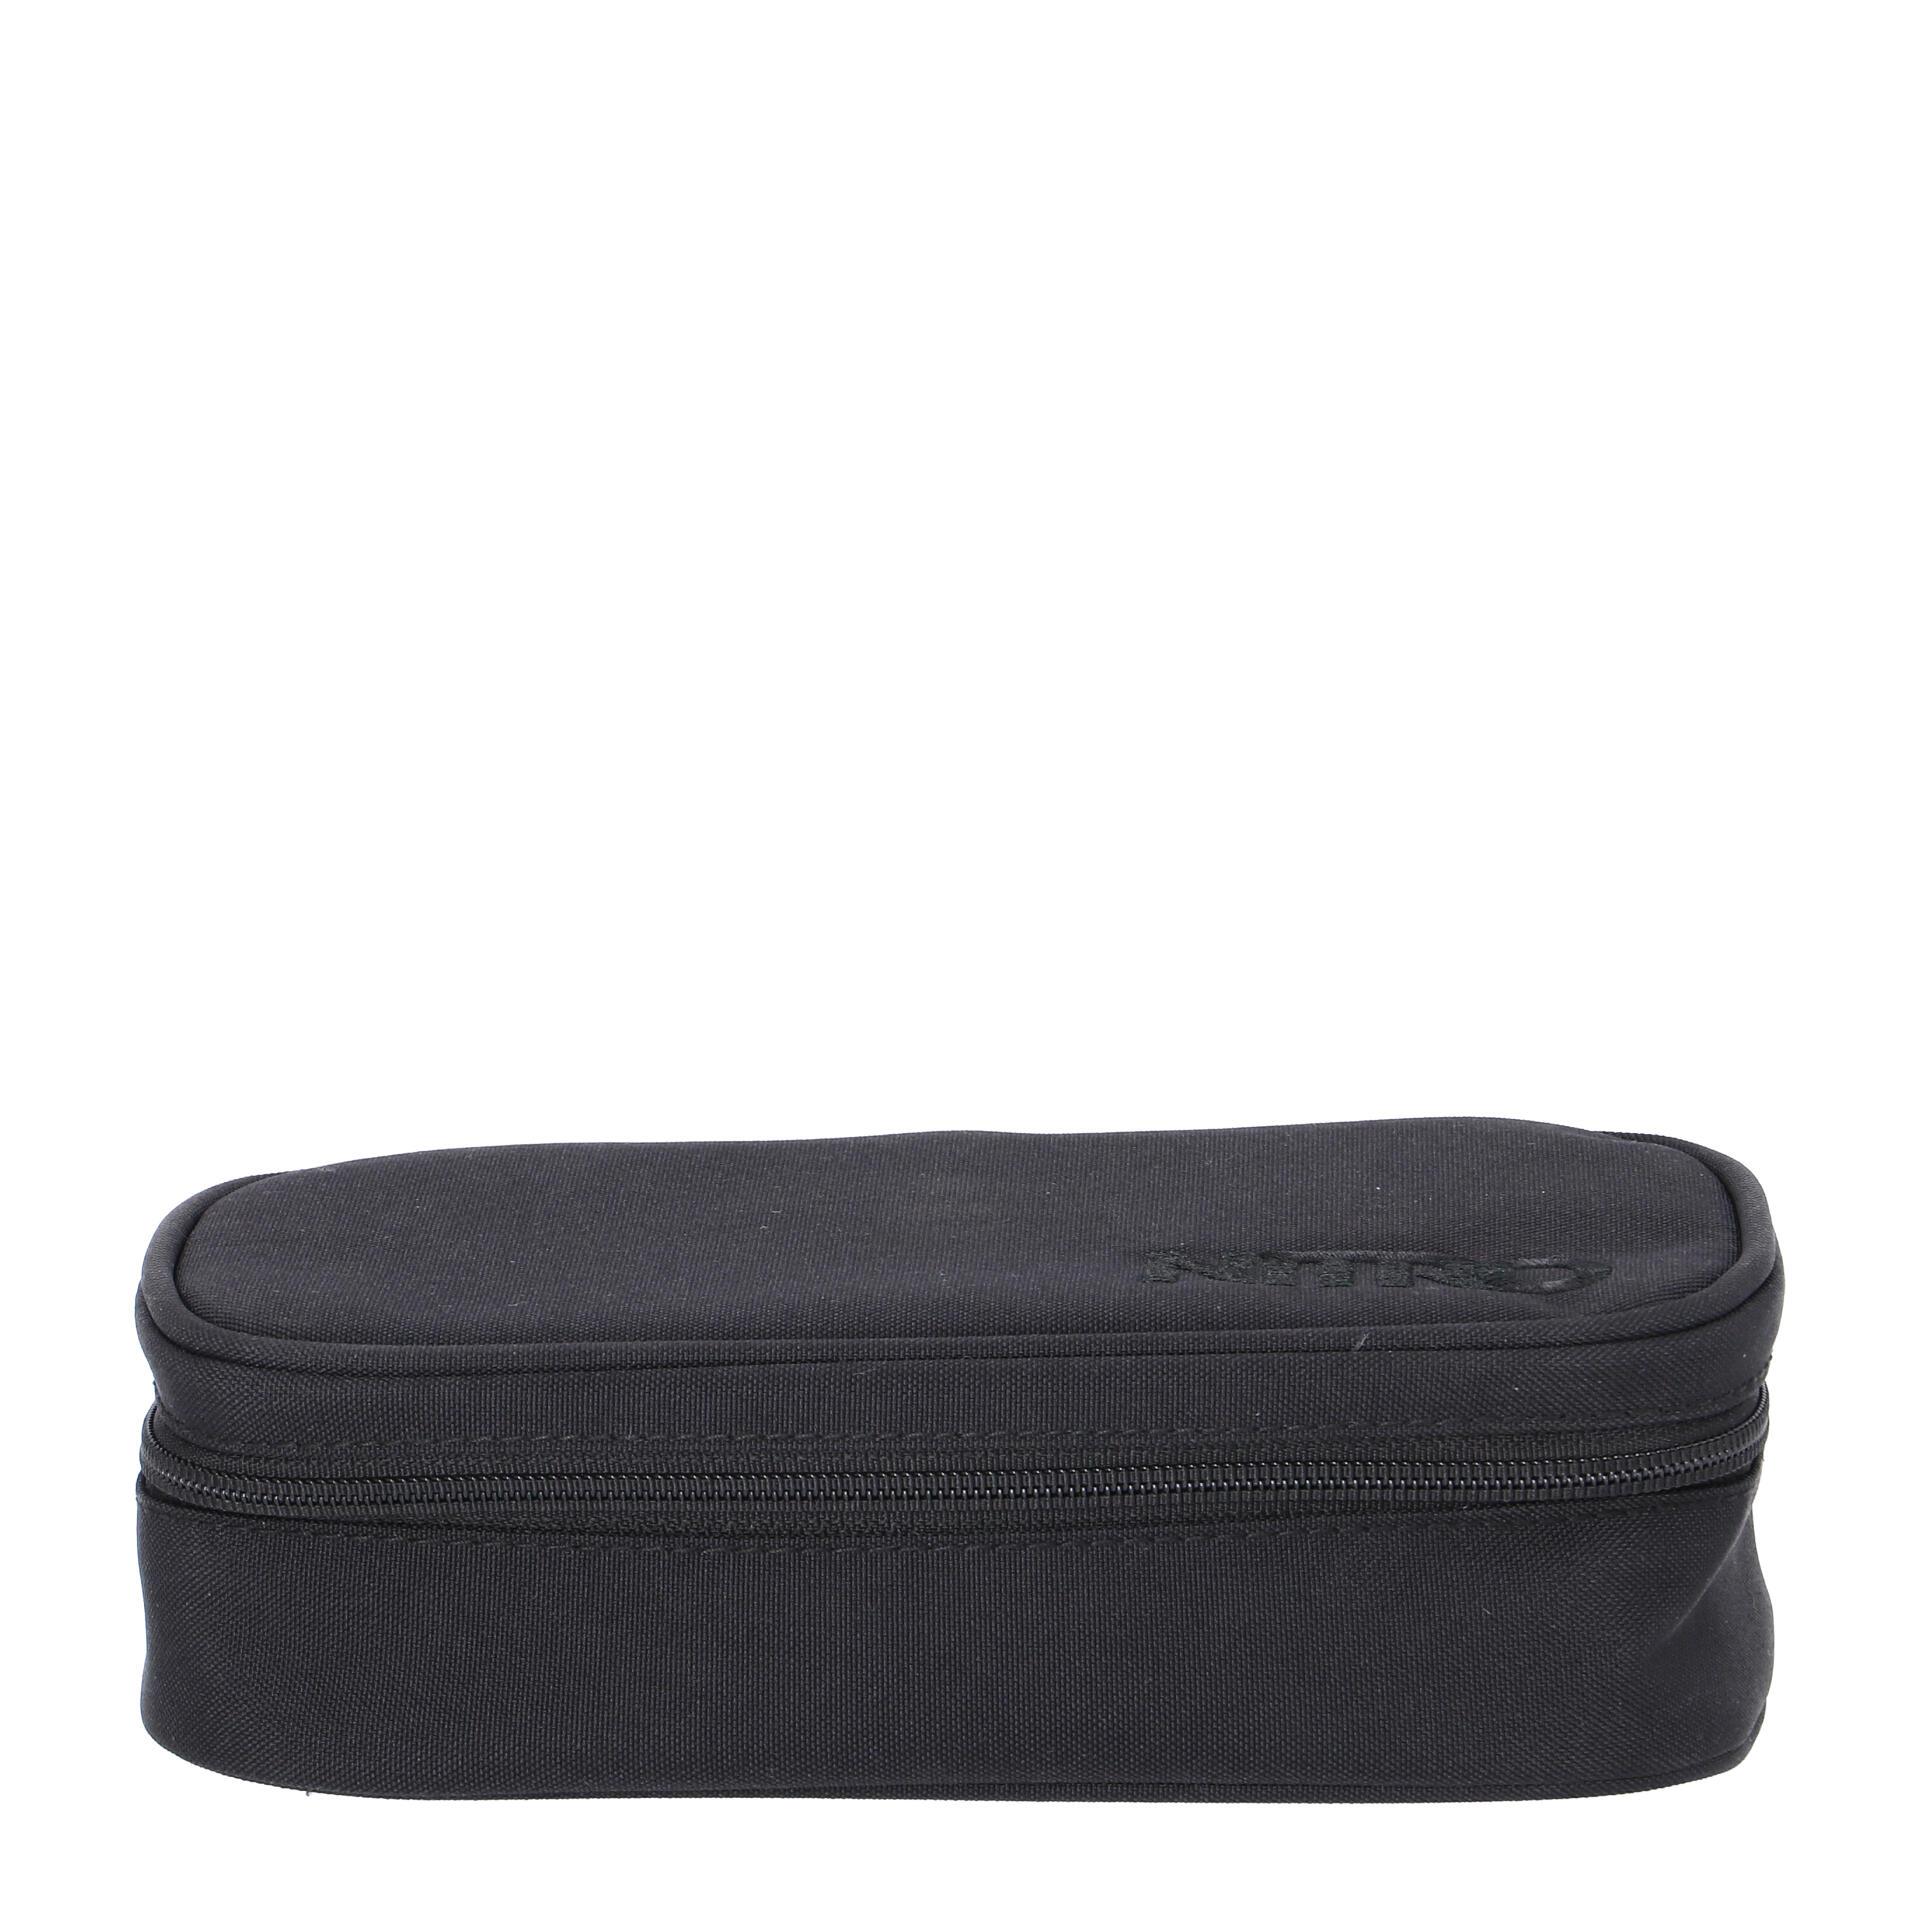 Nitro Pencil Case XL Stifteetui